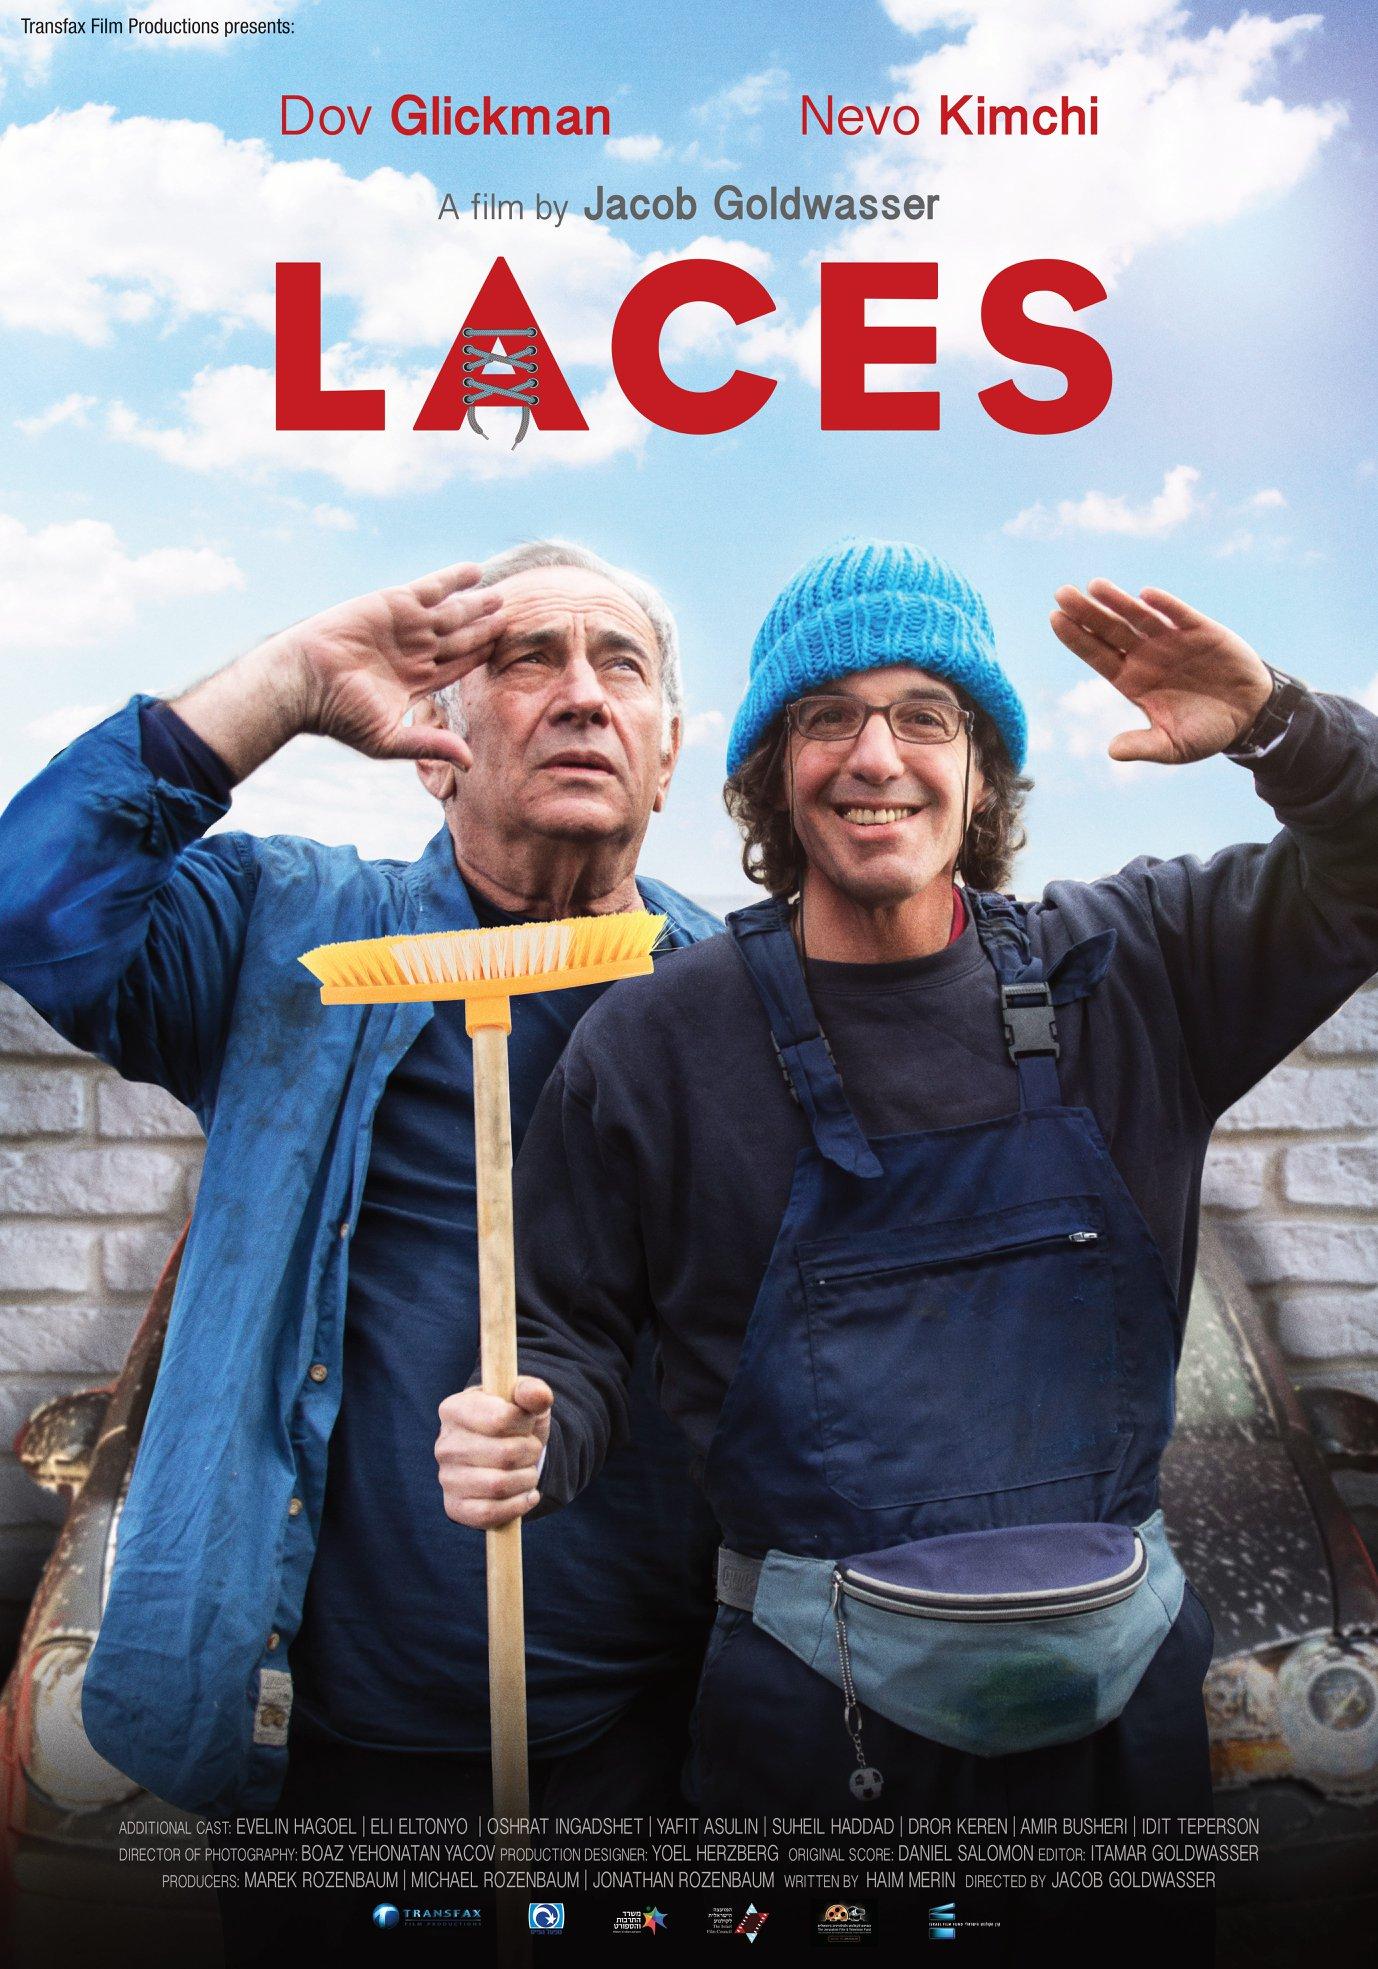 Doval'e Glickman and Nevo Kimchi in Laces (2018)